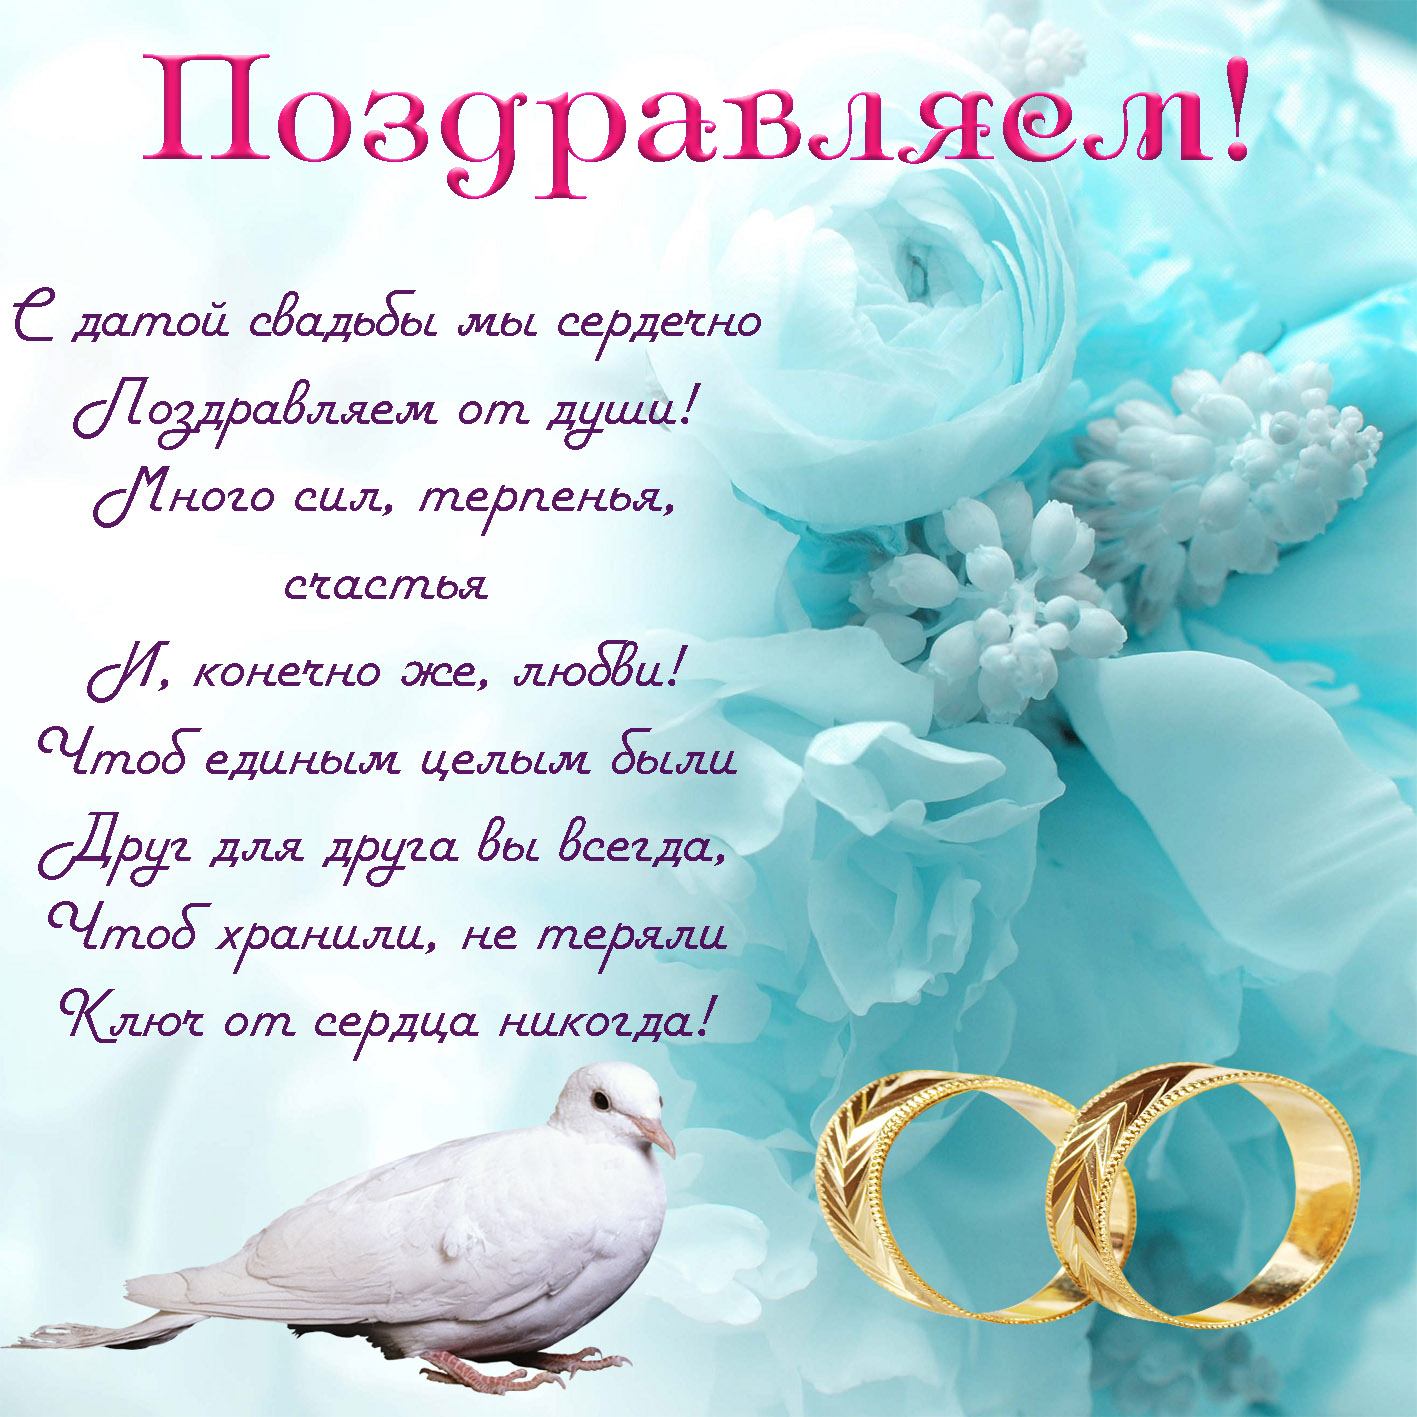 Поздравление с годовщиной свадьбы в стихах красивые 12 лет